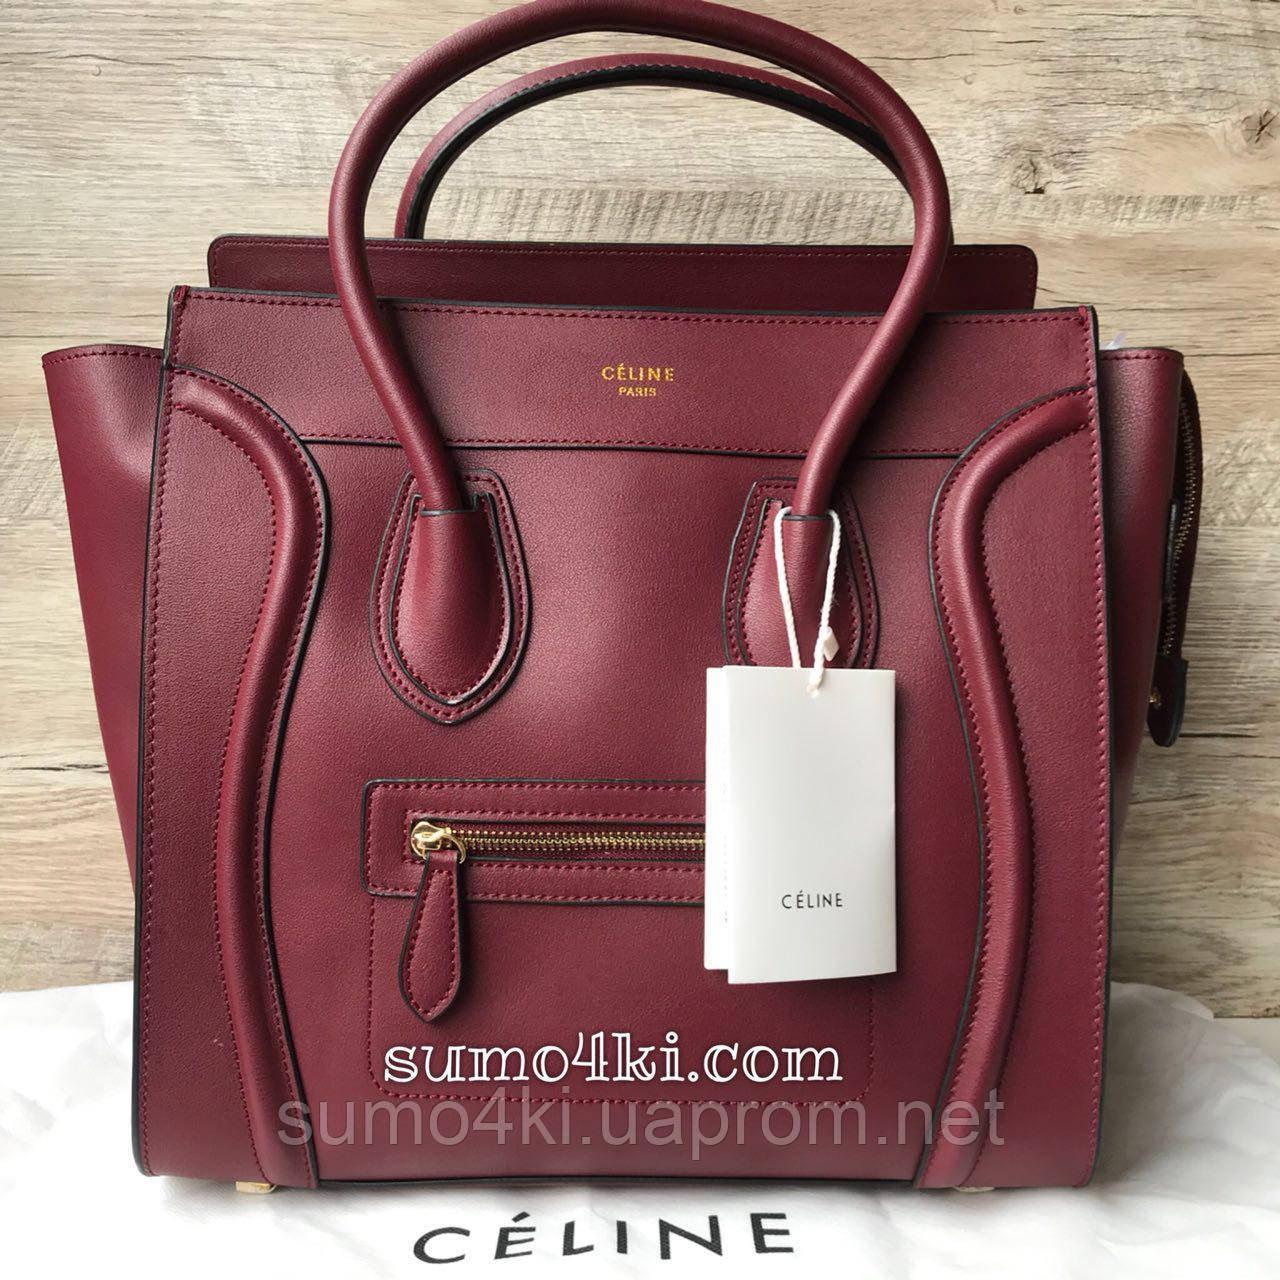 03d1a9f6e0b5 Женская сумка Celine Phantom Селин Фантом - Интернет-магазин «Галерея Сумок»  в Одессе